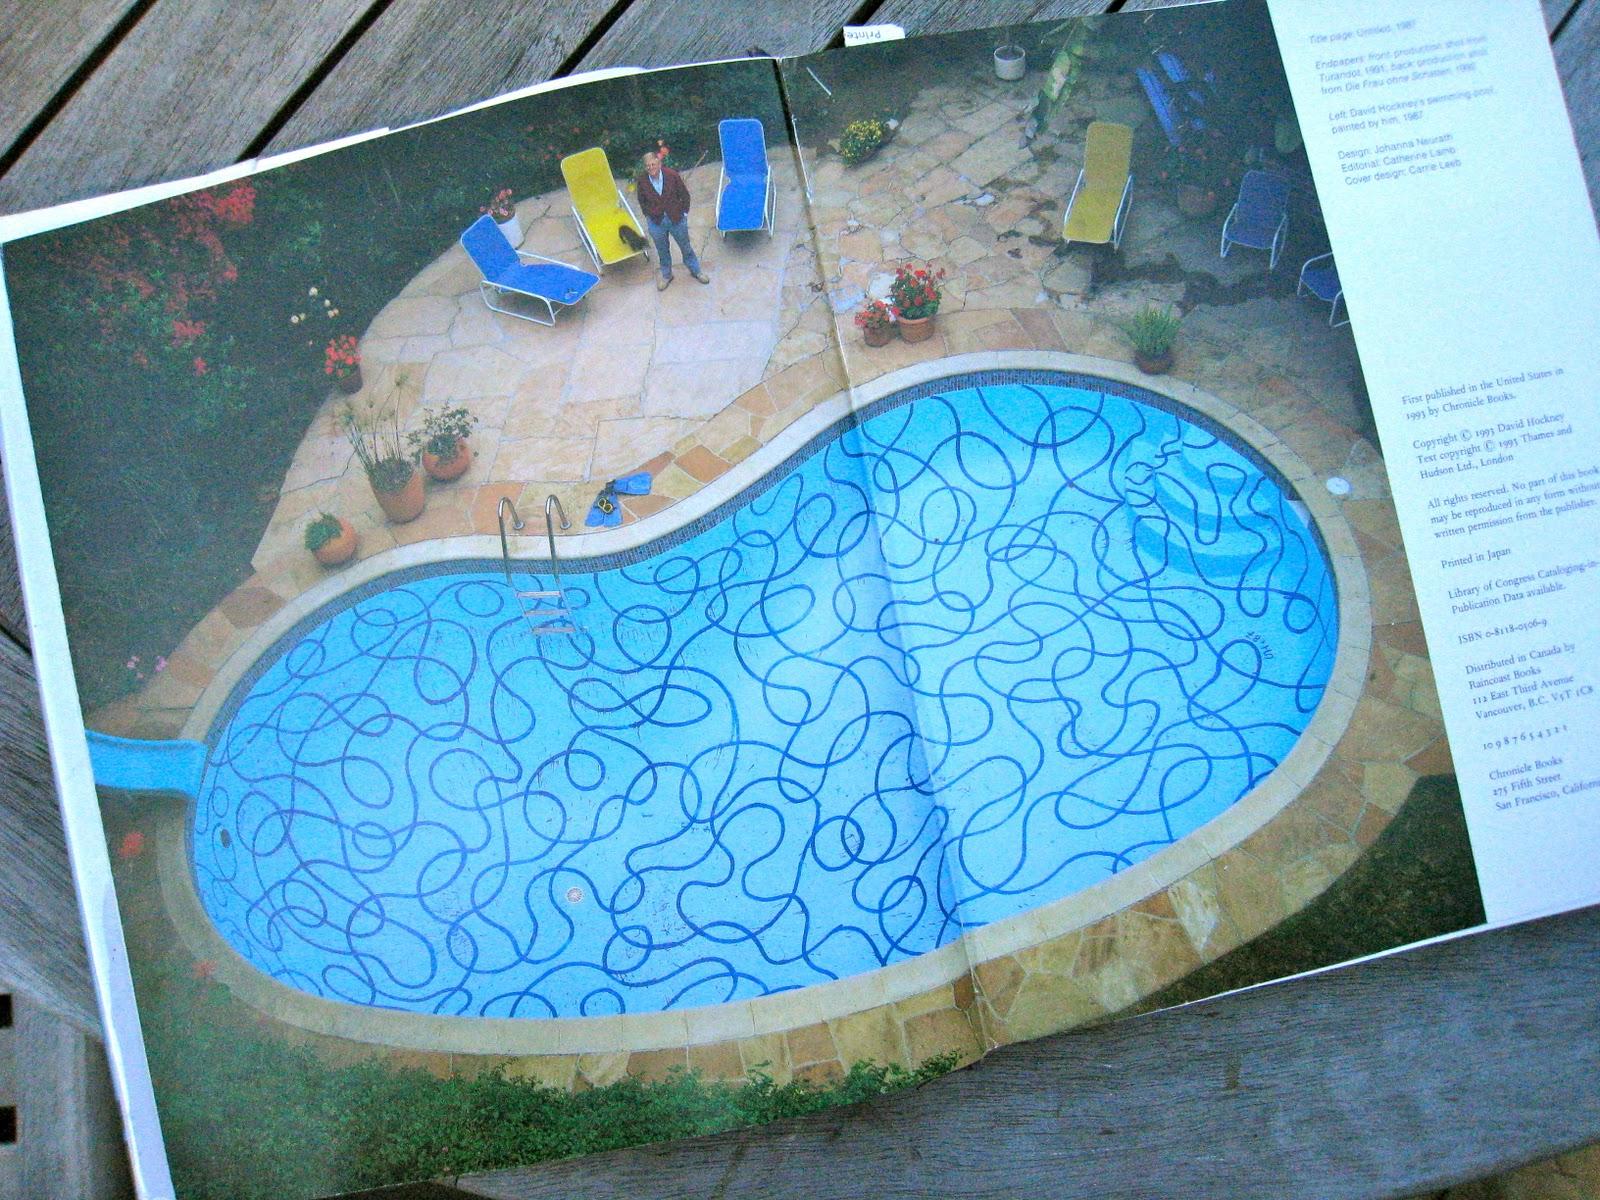 Artist David Hockney 39 S Pool Art Pinterest